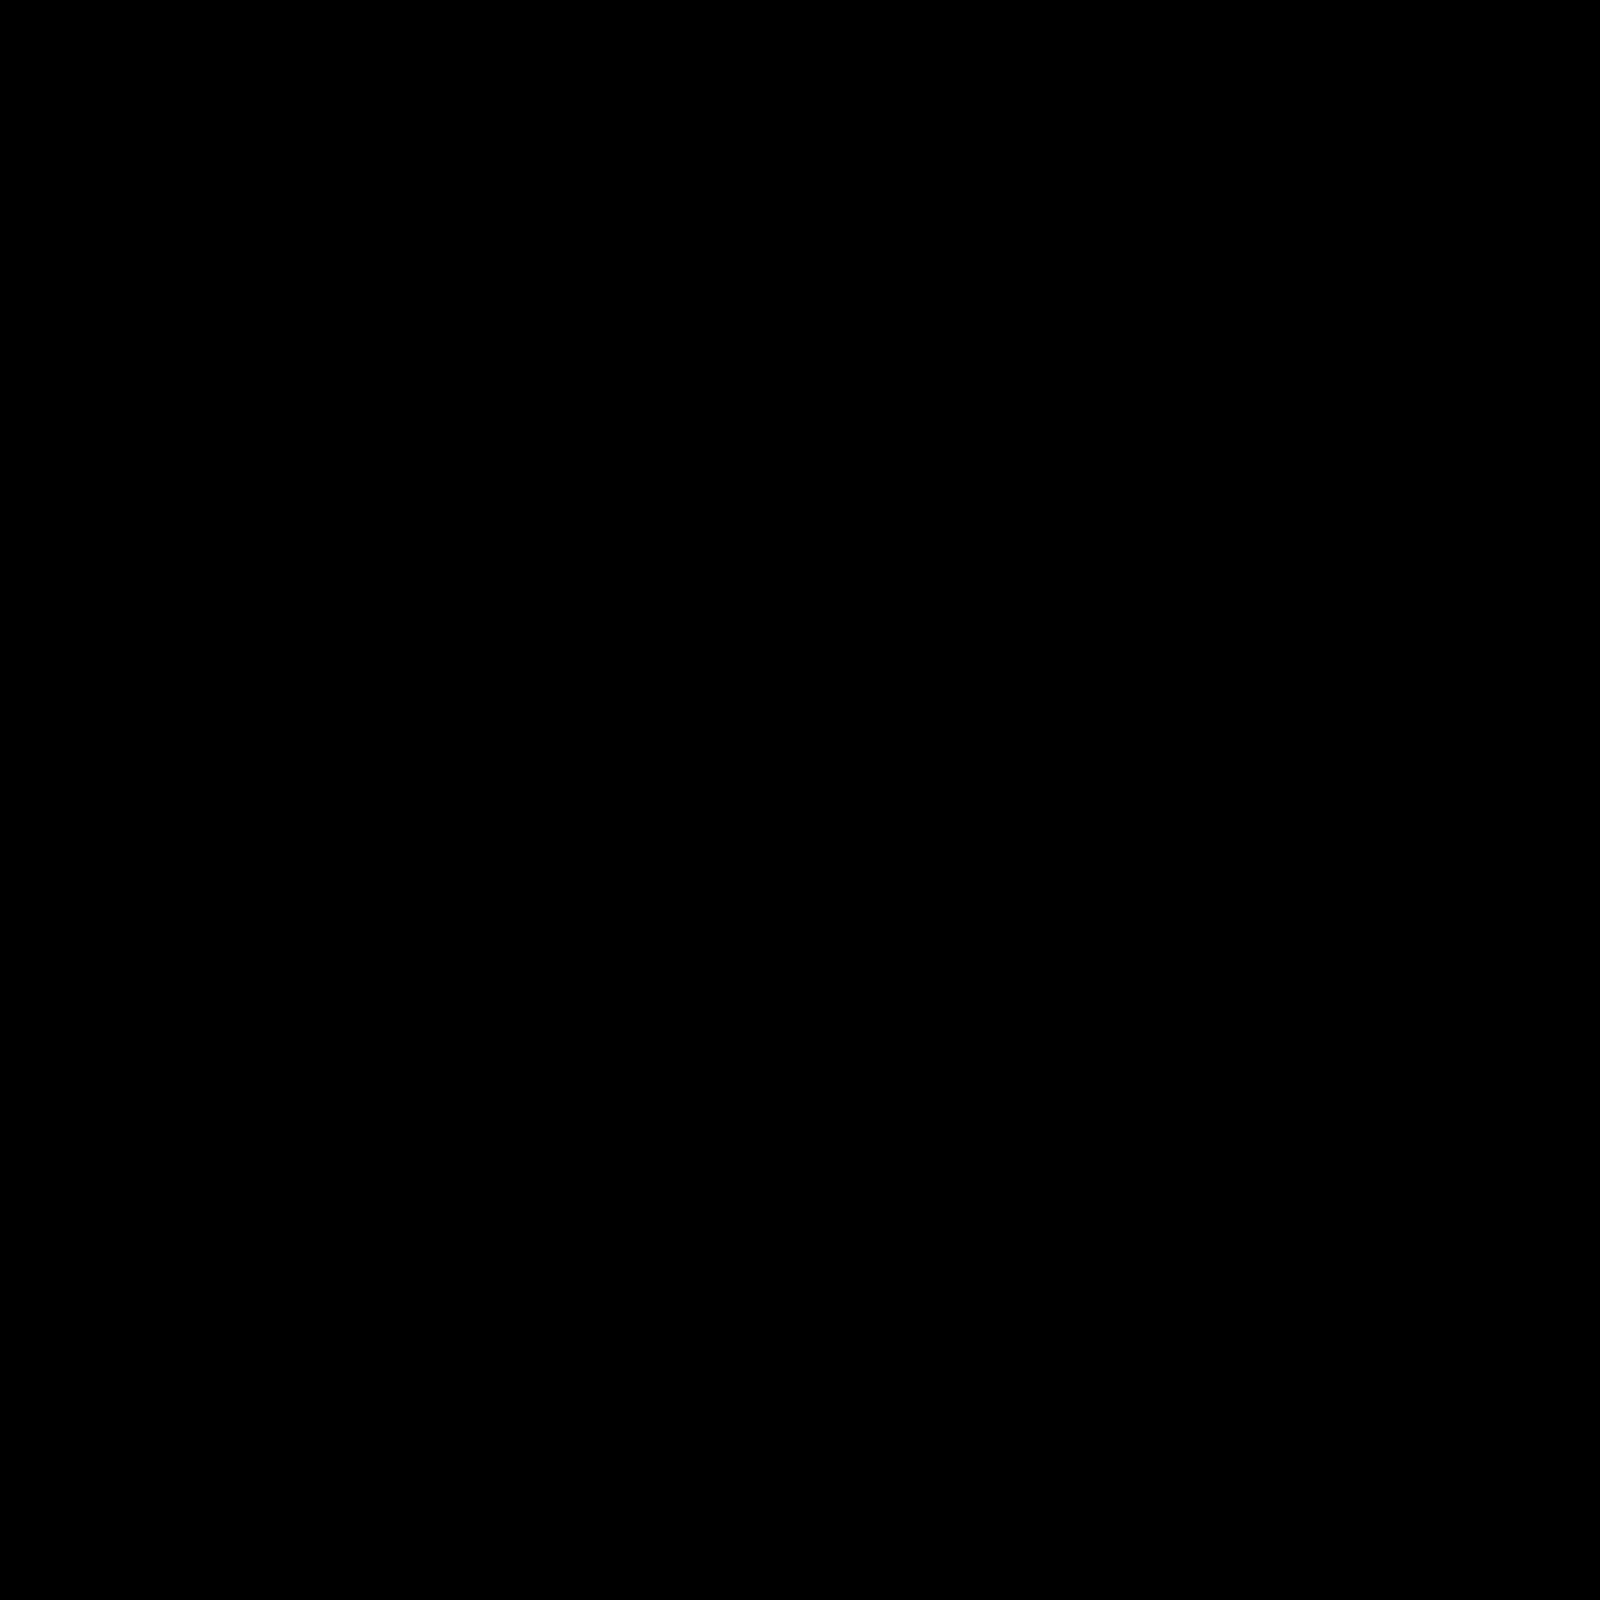 咖啡杯 icon. This is an image of the side of a mug.  The mug is facing towards the left of the image and has a handle on its right.  The mug is sitting on top of a saucer.